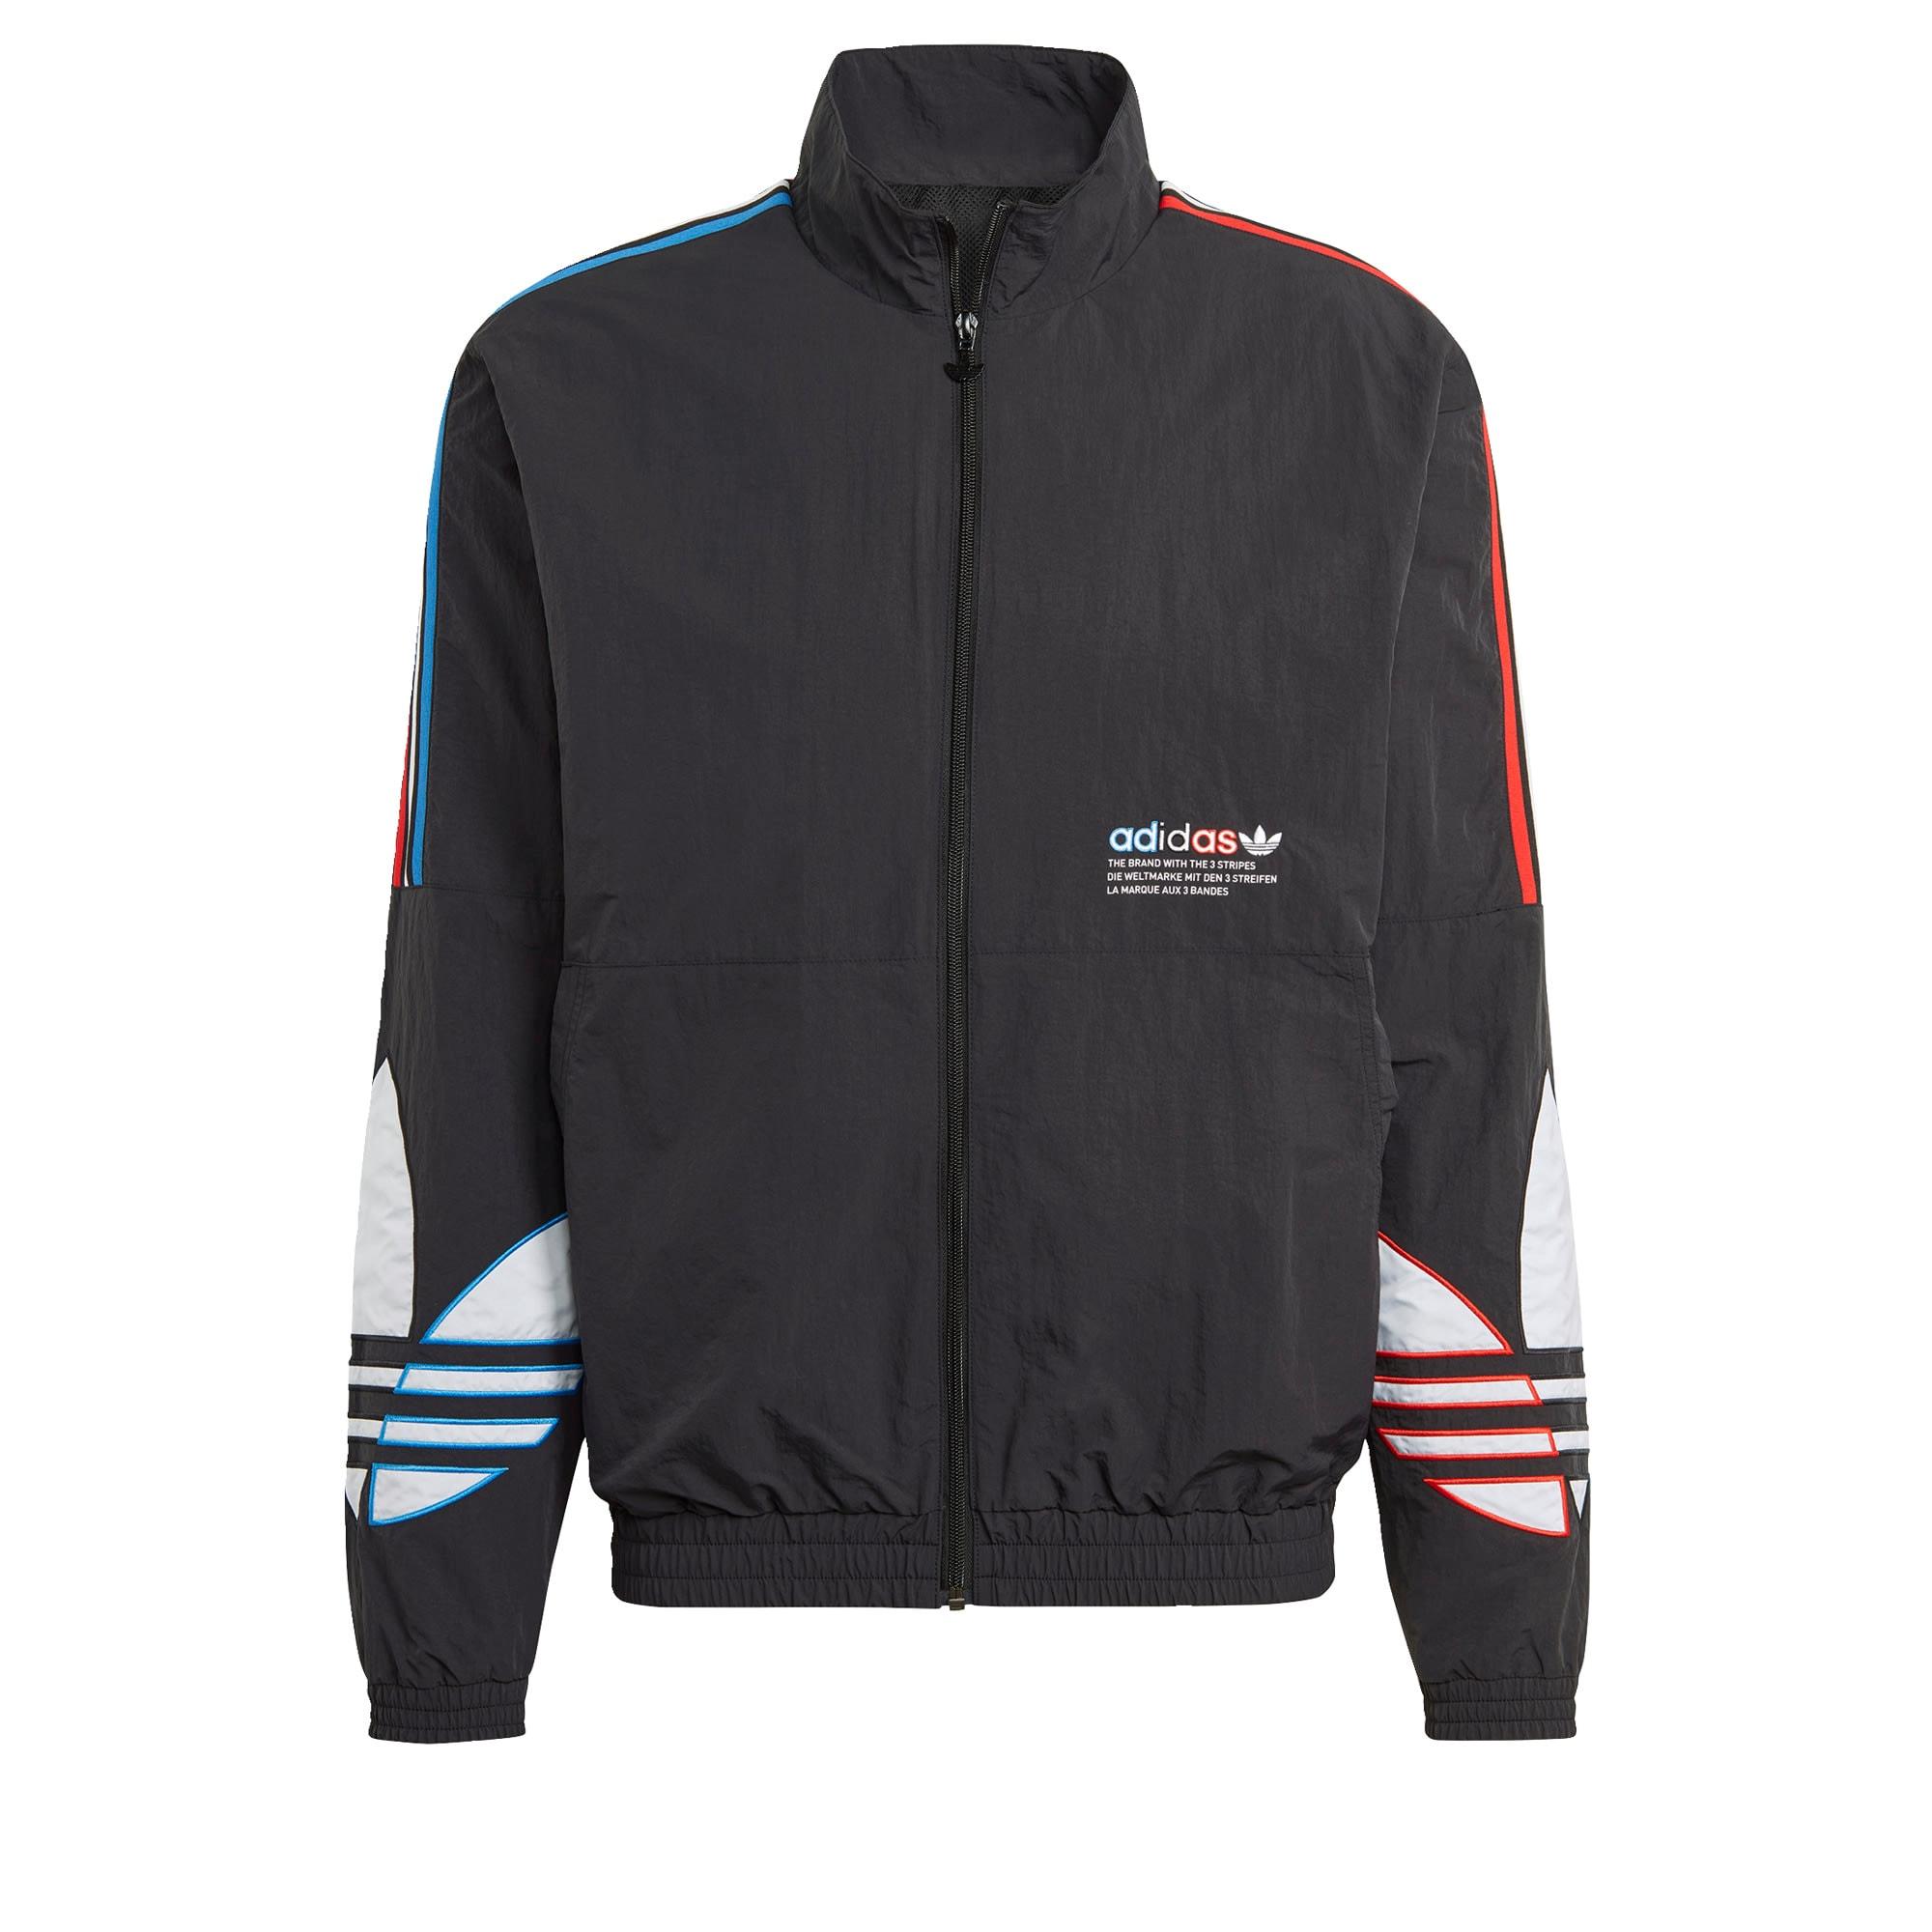 ADIDAS ORIGINALS Demisezoninė striukė juoda / balta / šviesiai mėlyna / šviesiai raudona